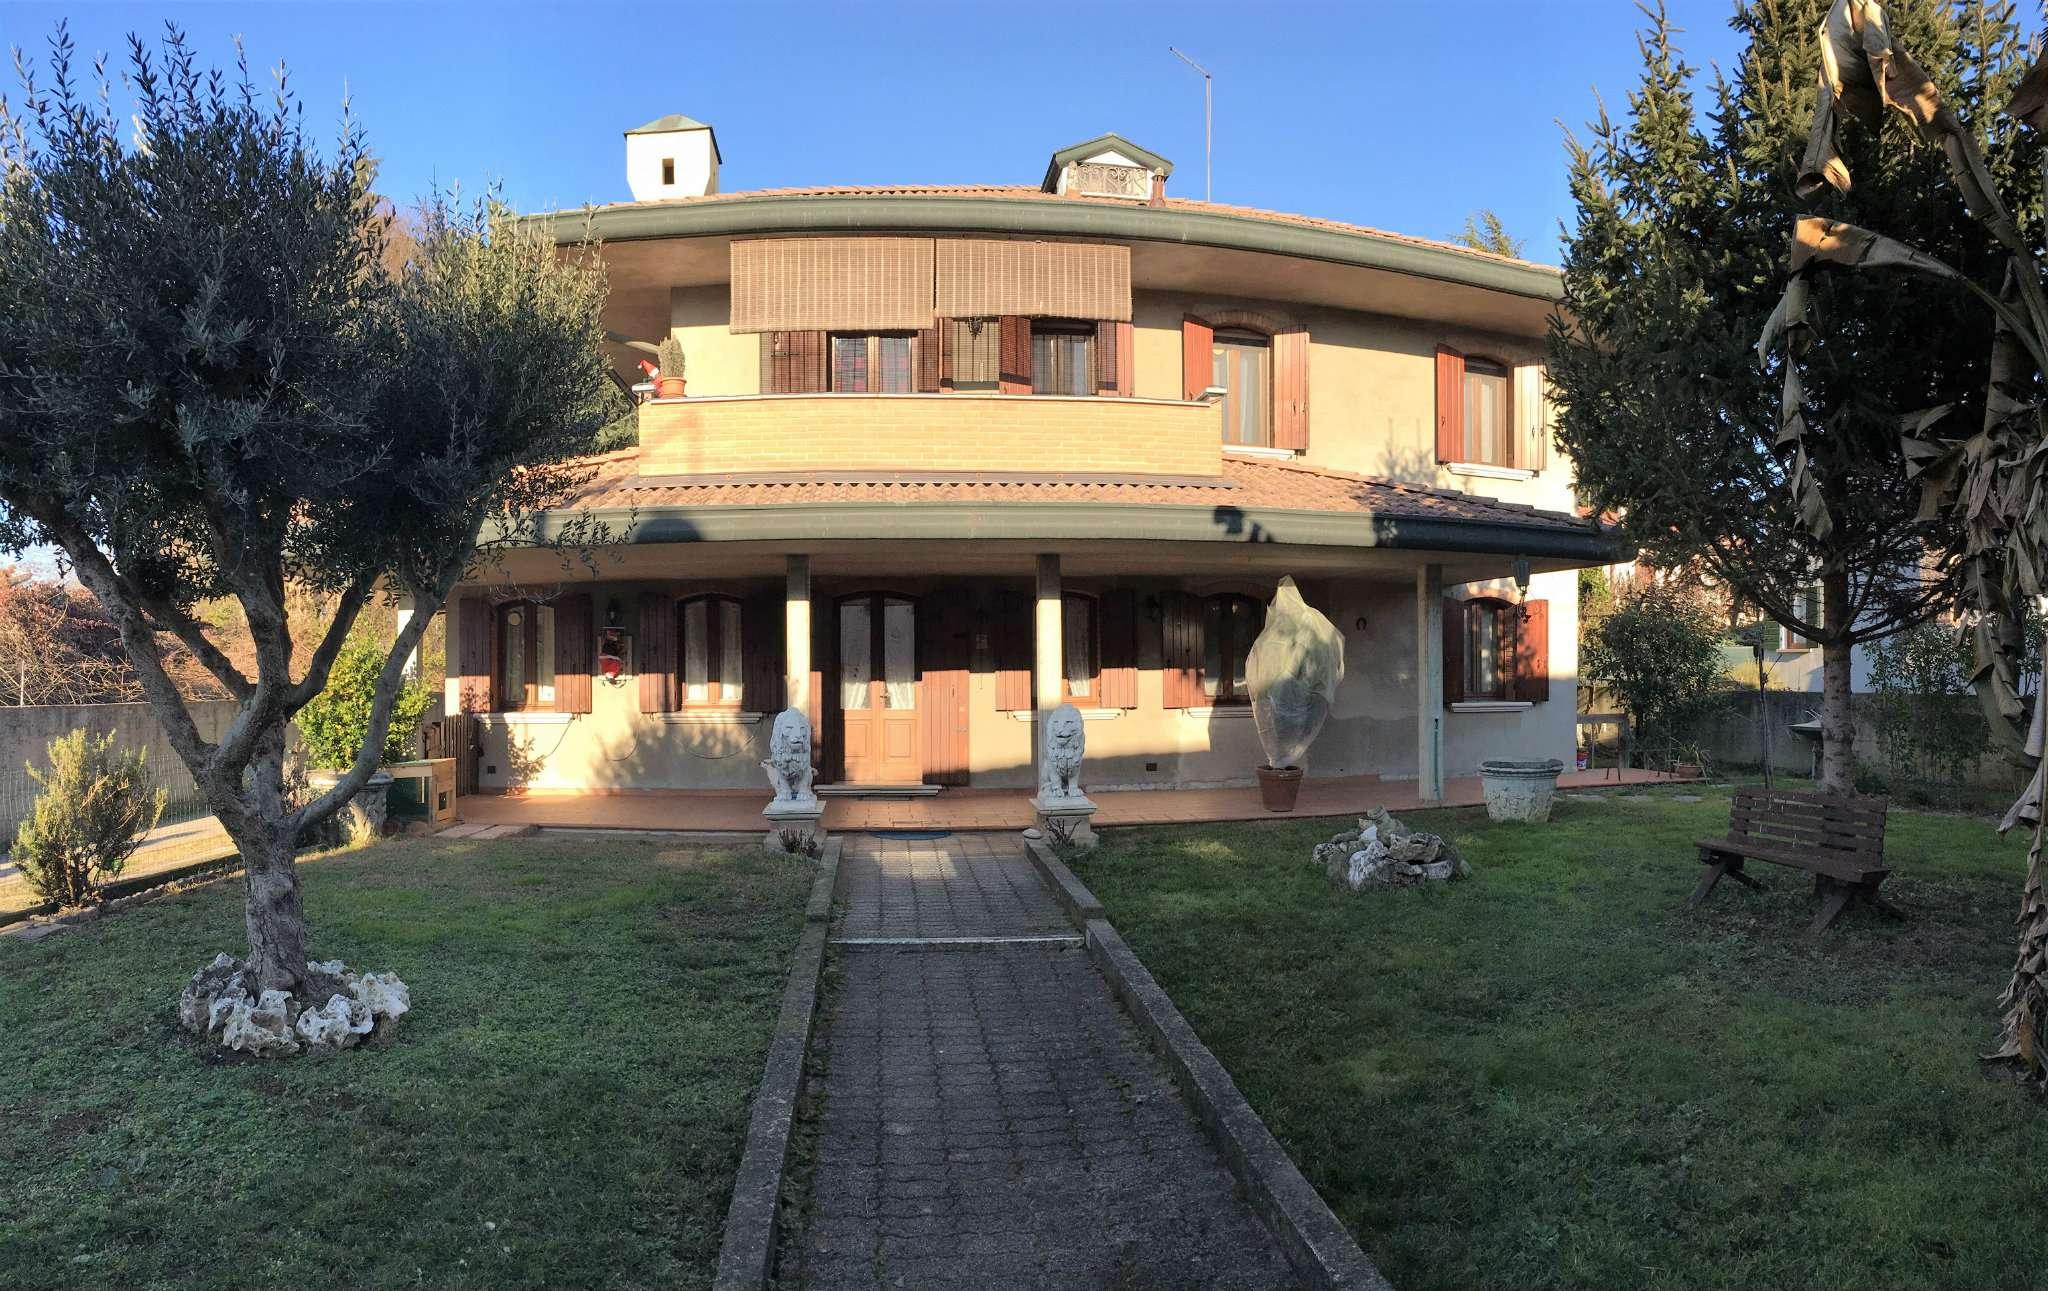 Soluzione Indipendente in vendita a Mirano, 18 locali, prezzo € 370.000 | Cambio Casa.it